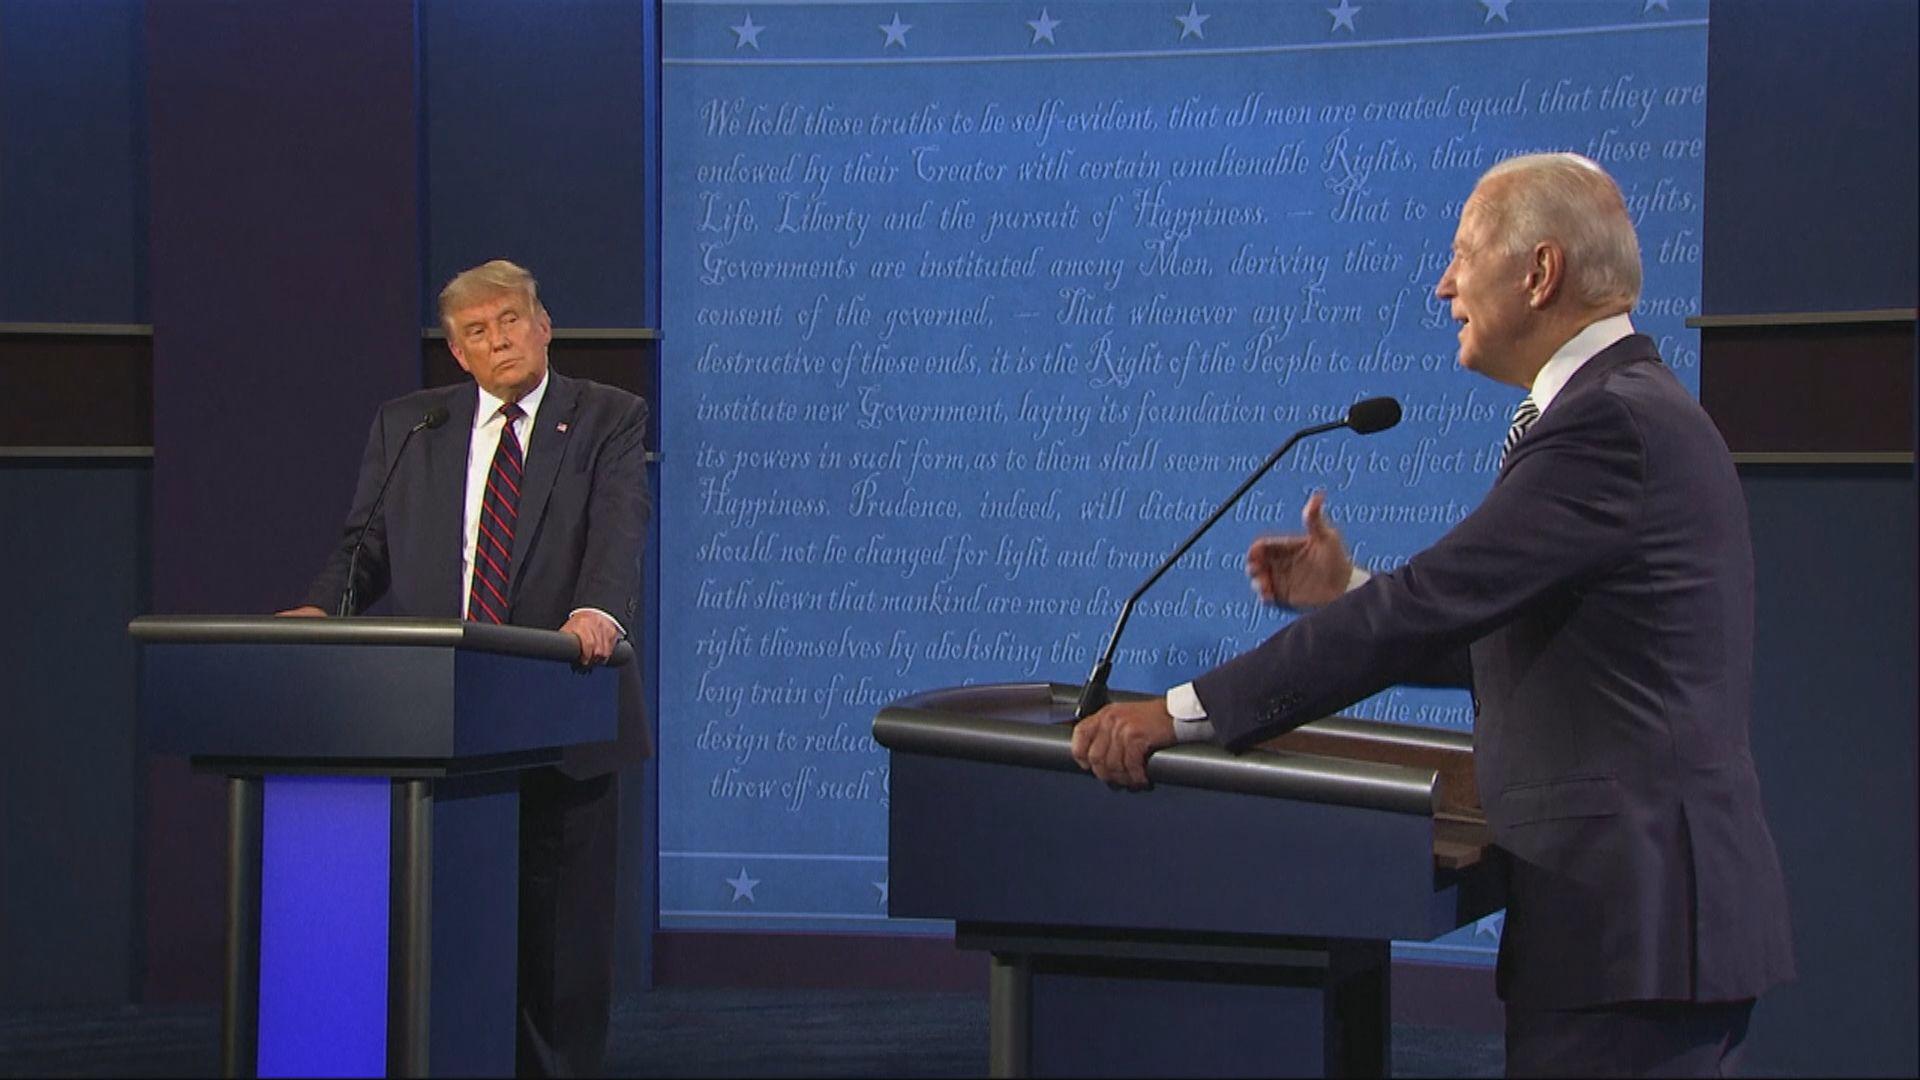 第二場美國總統候選人辯論改以視像形式舉行 特朗普表明不參與